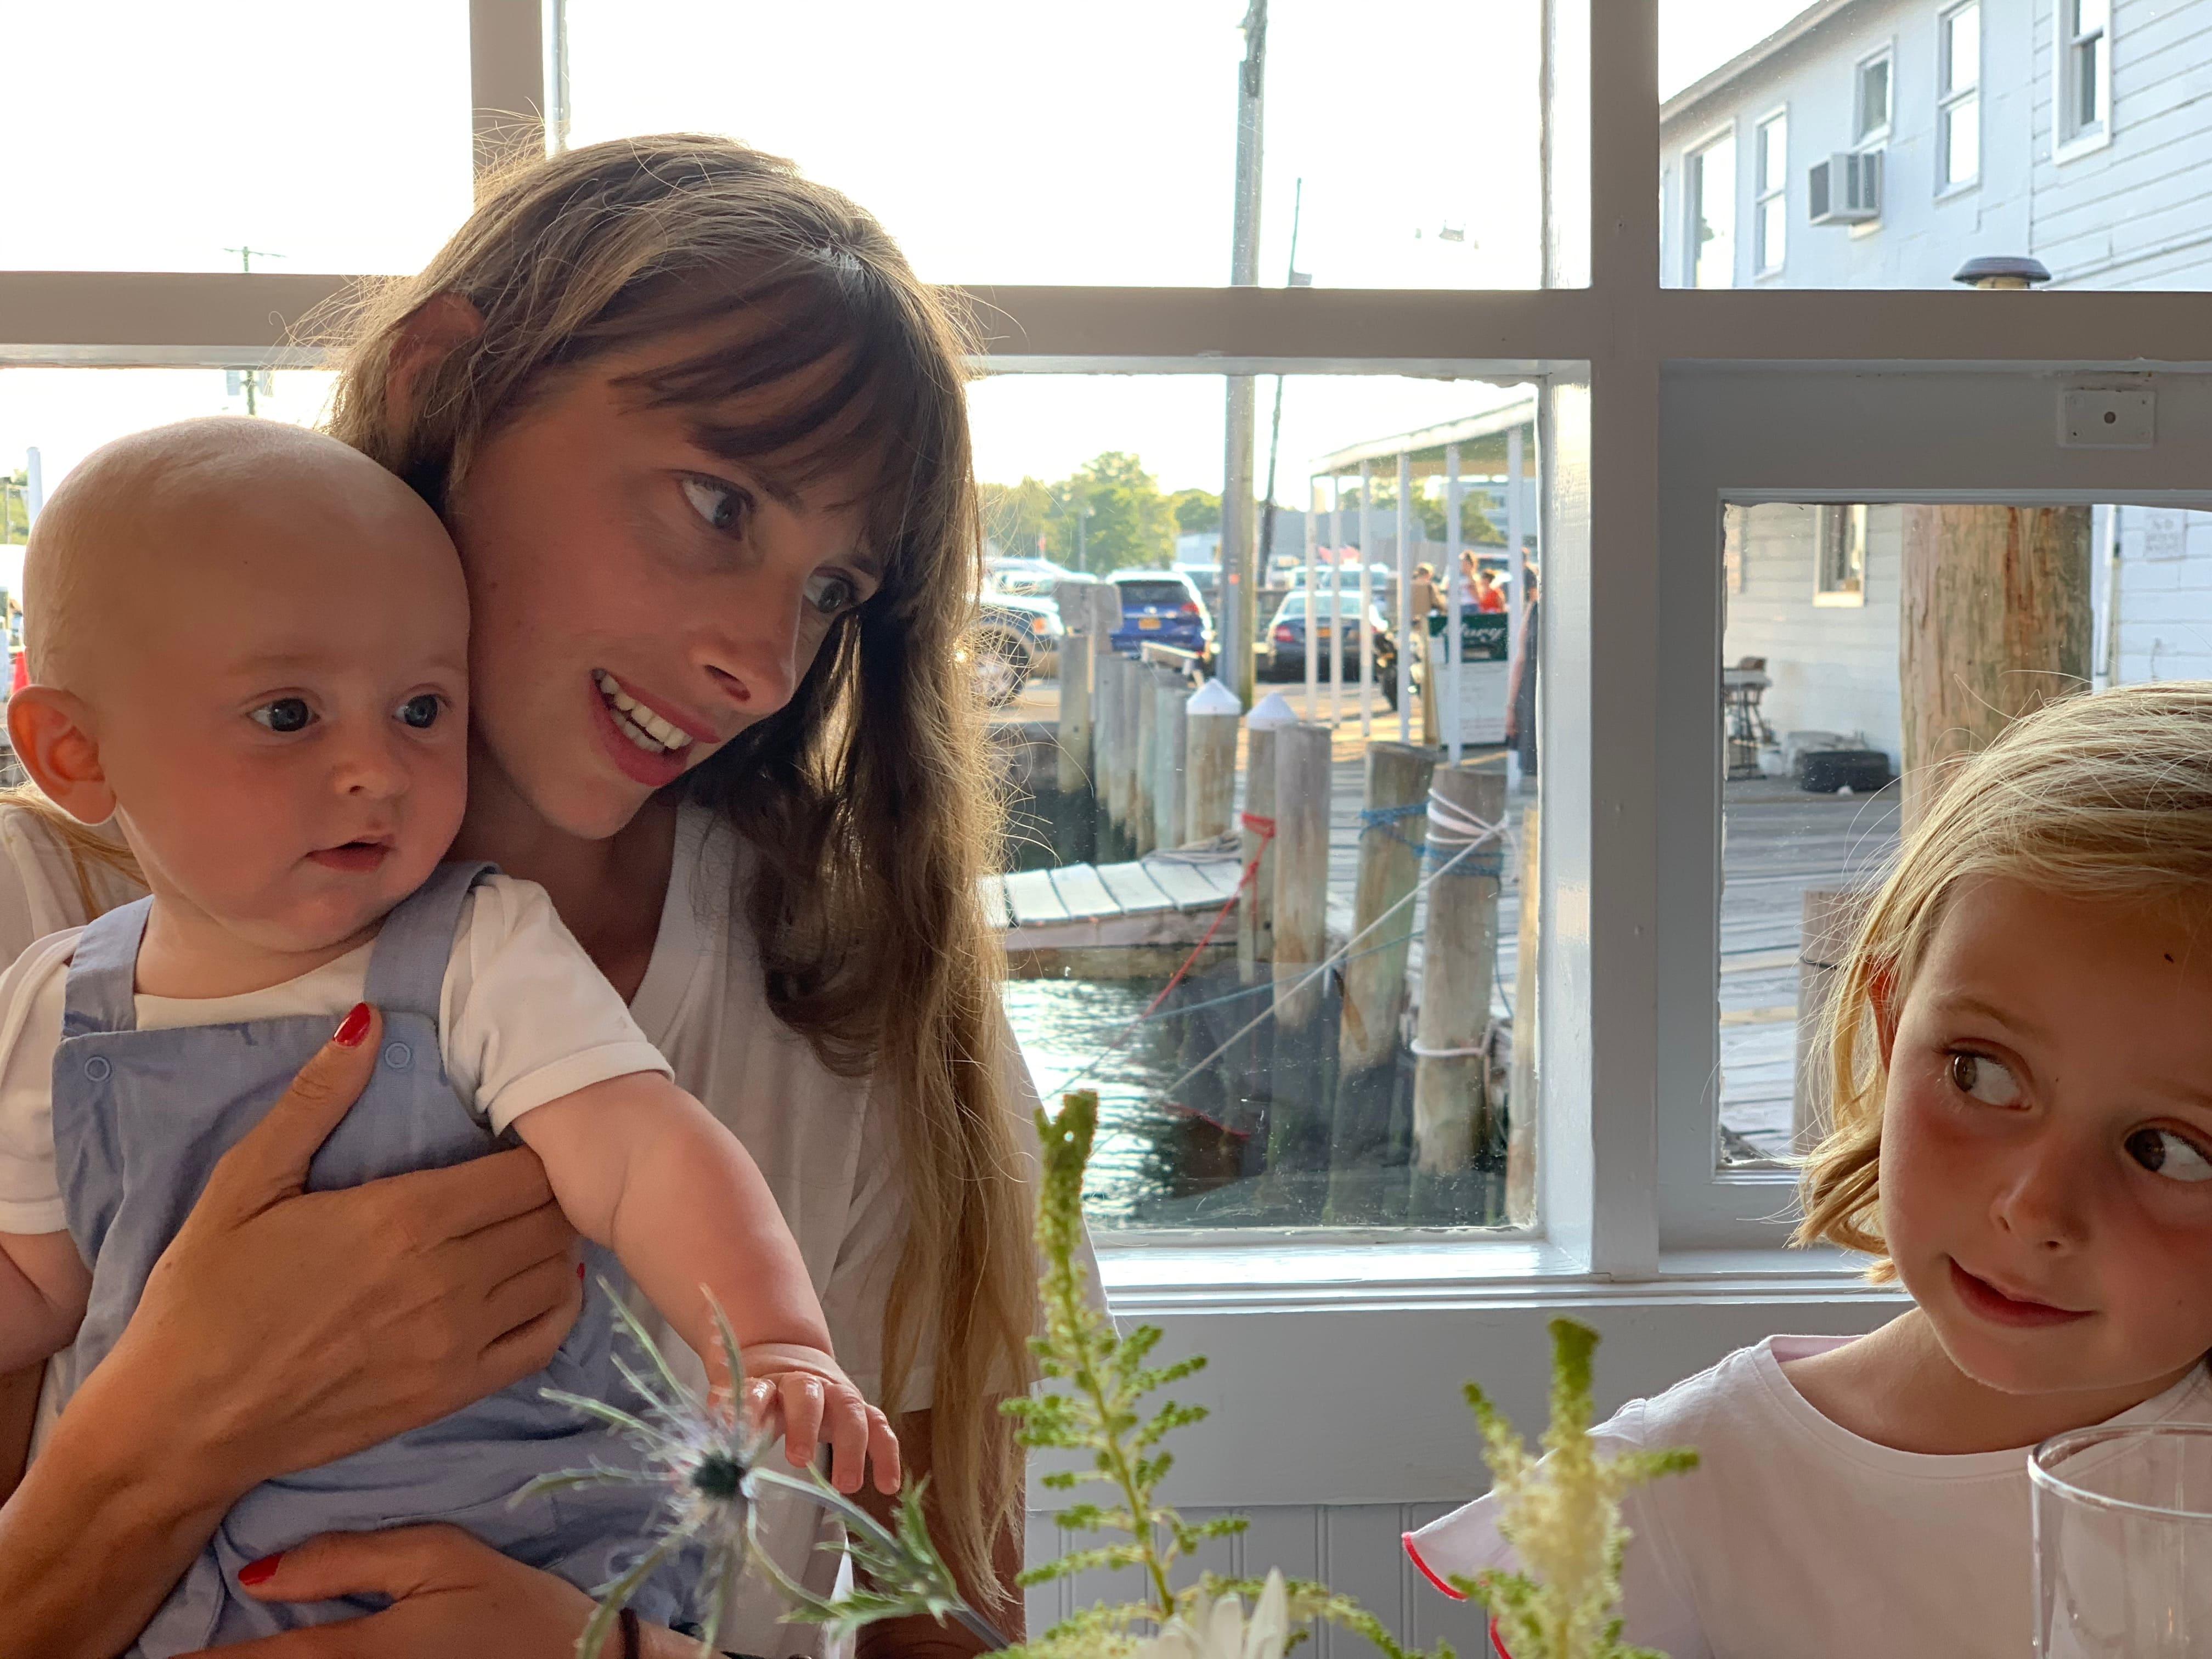 motherhood: anna hewitt